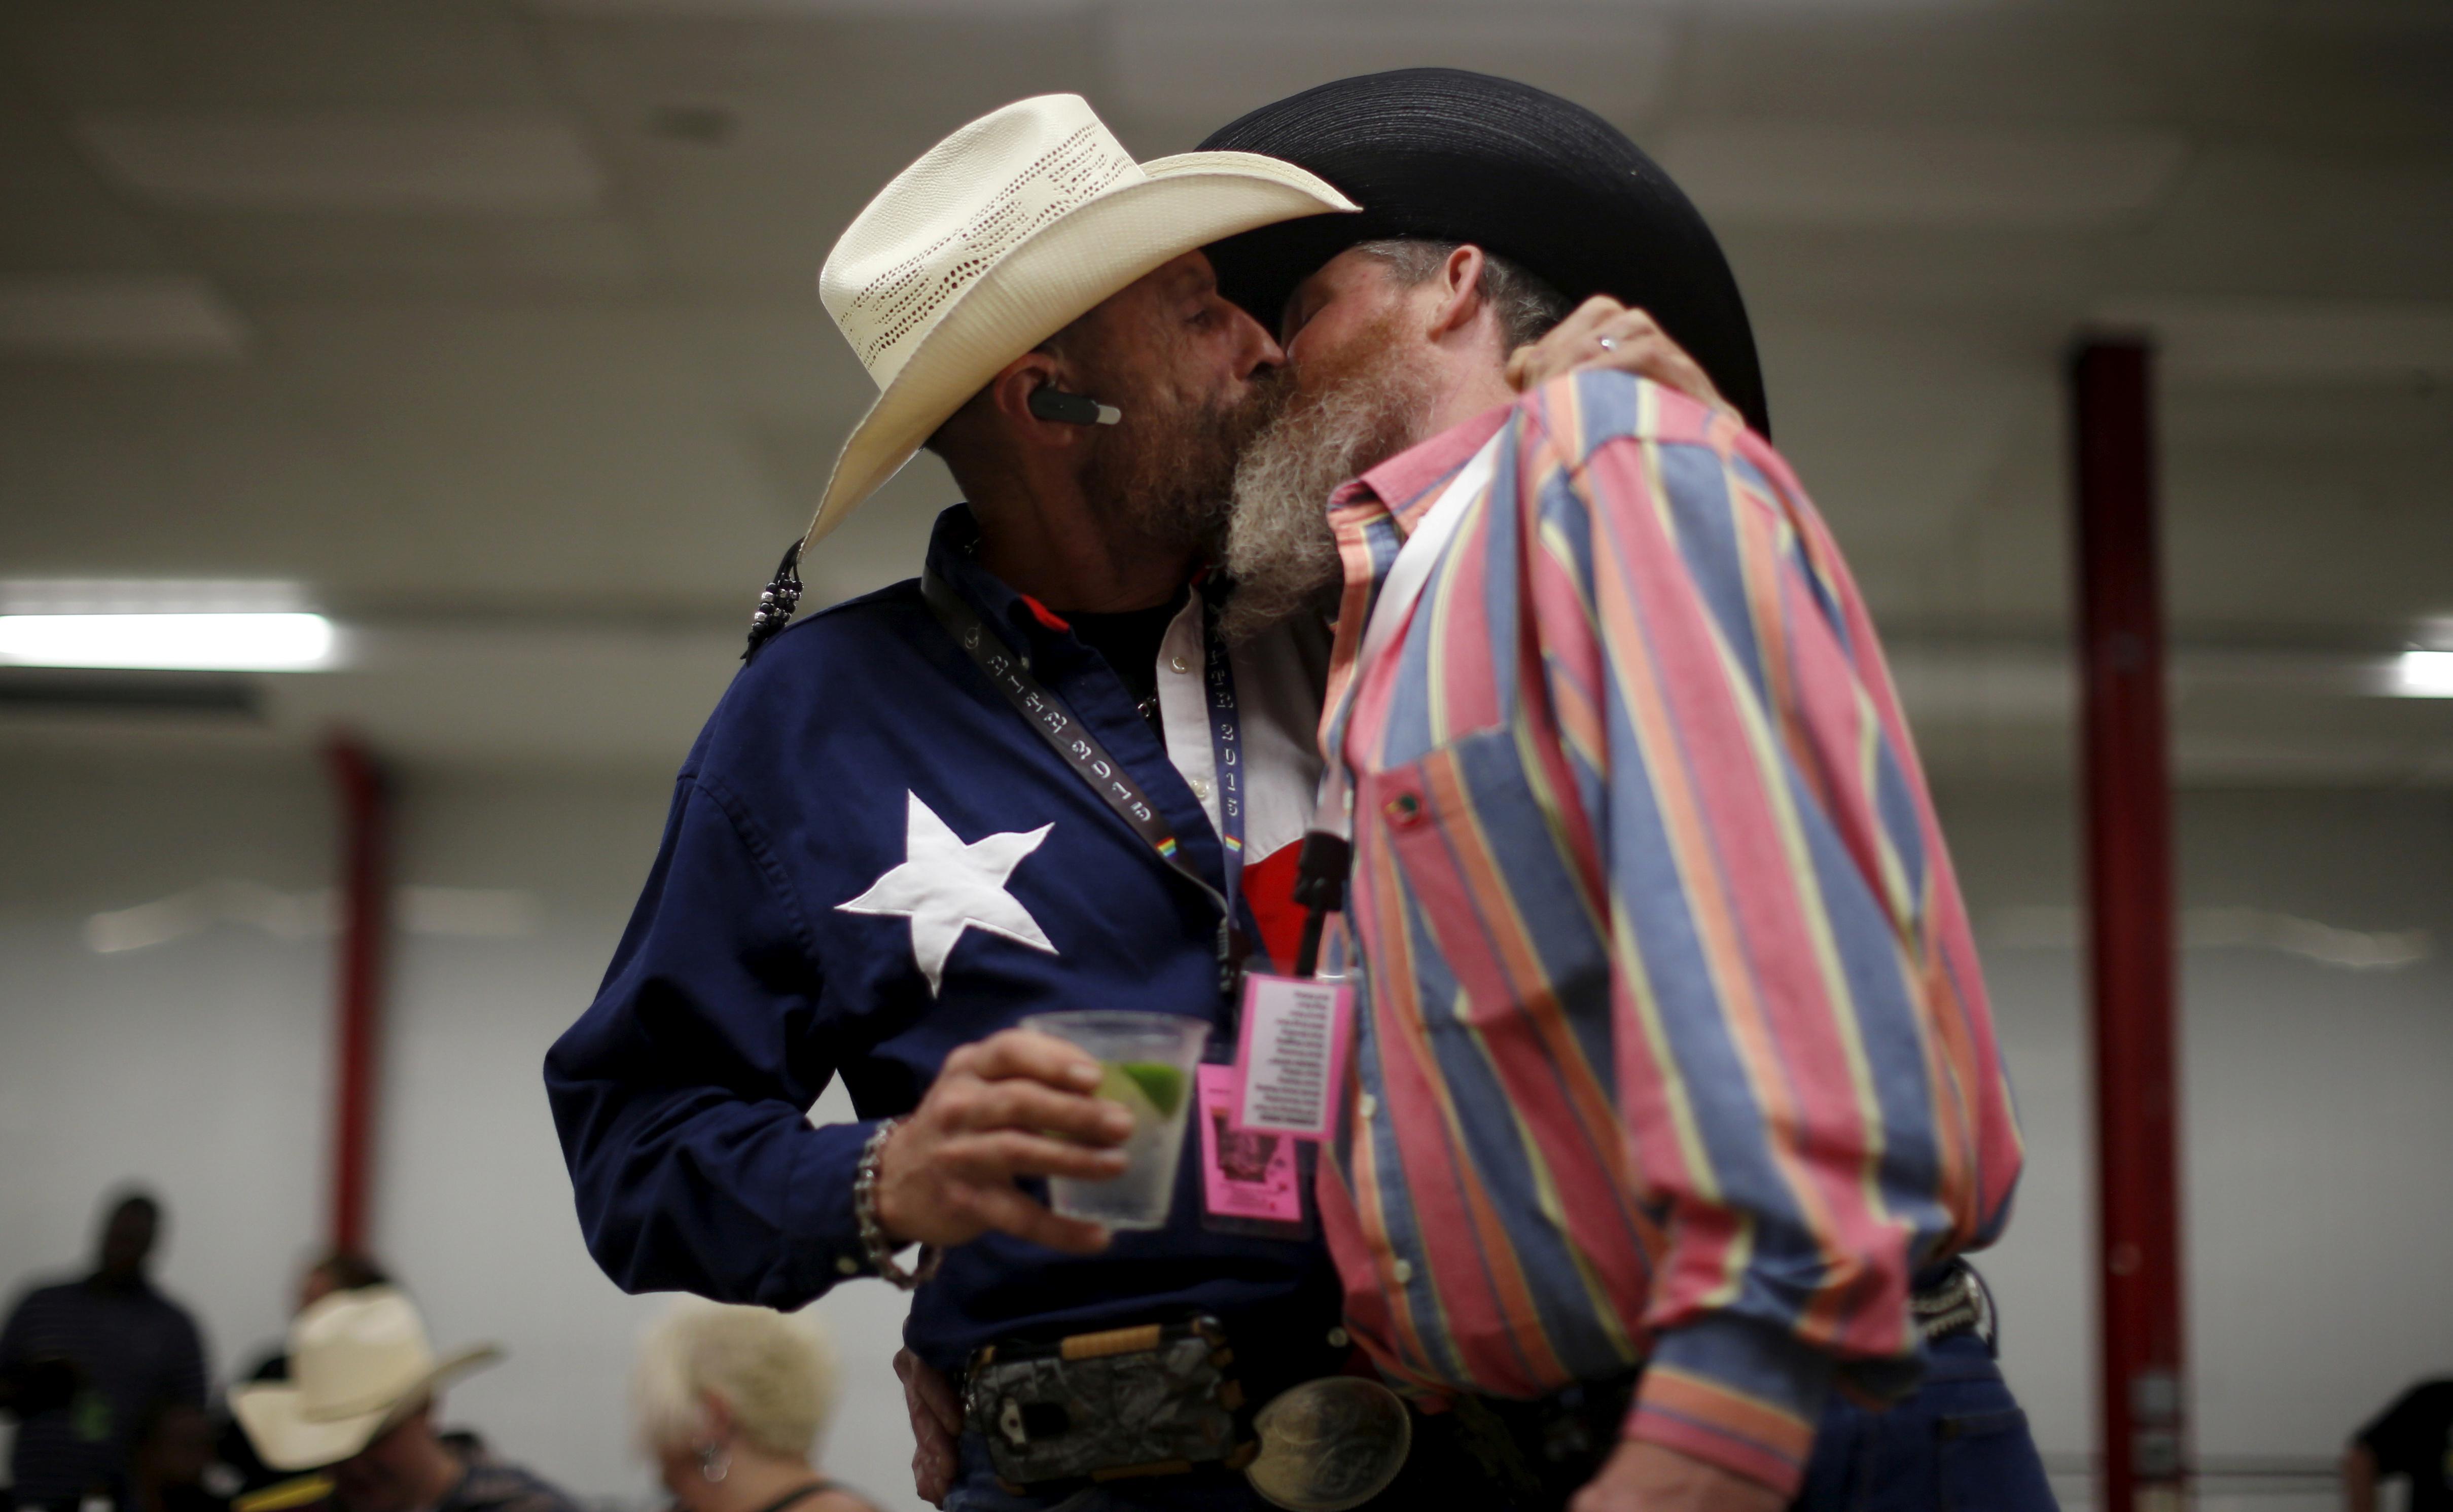 Gordon Satterly, de 61 años, de Michigan (izq.) besa a su esposo Richard Brand, de 53 años, de Texas, en la fiesta